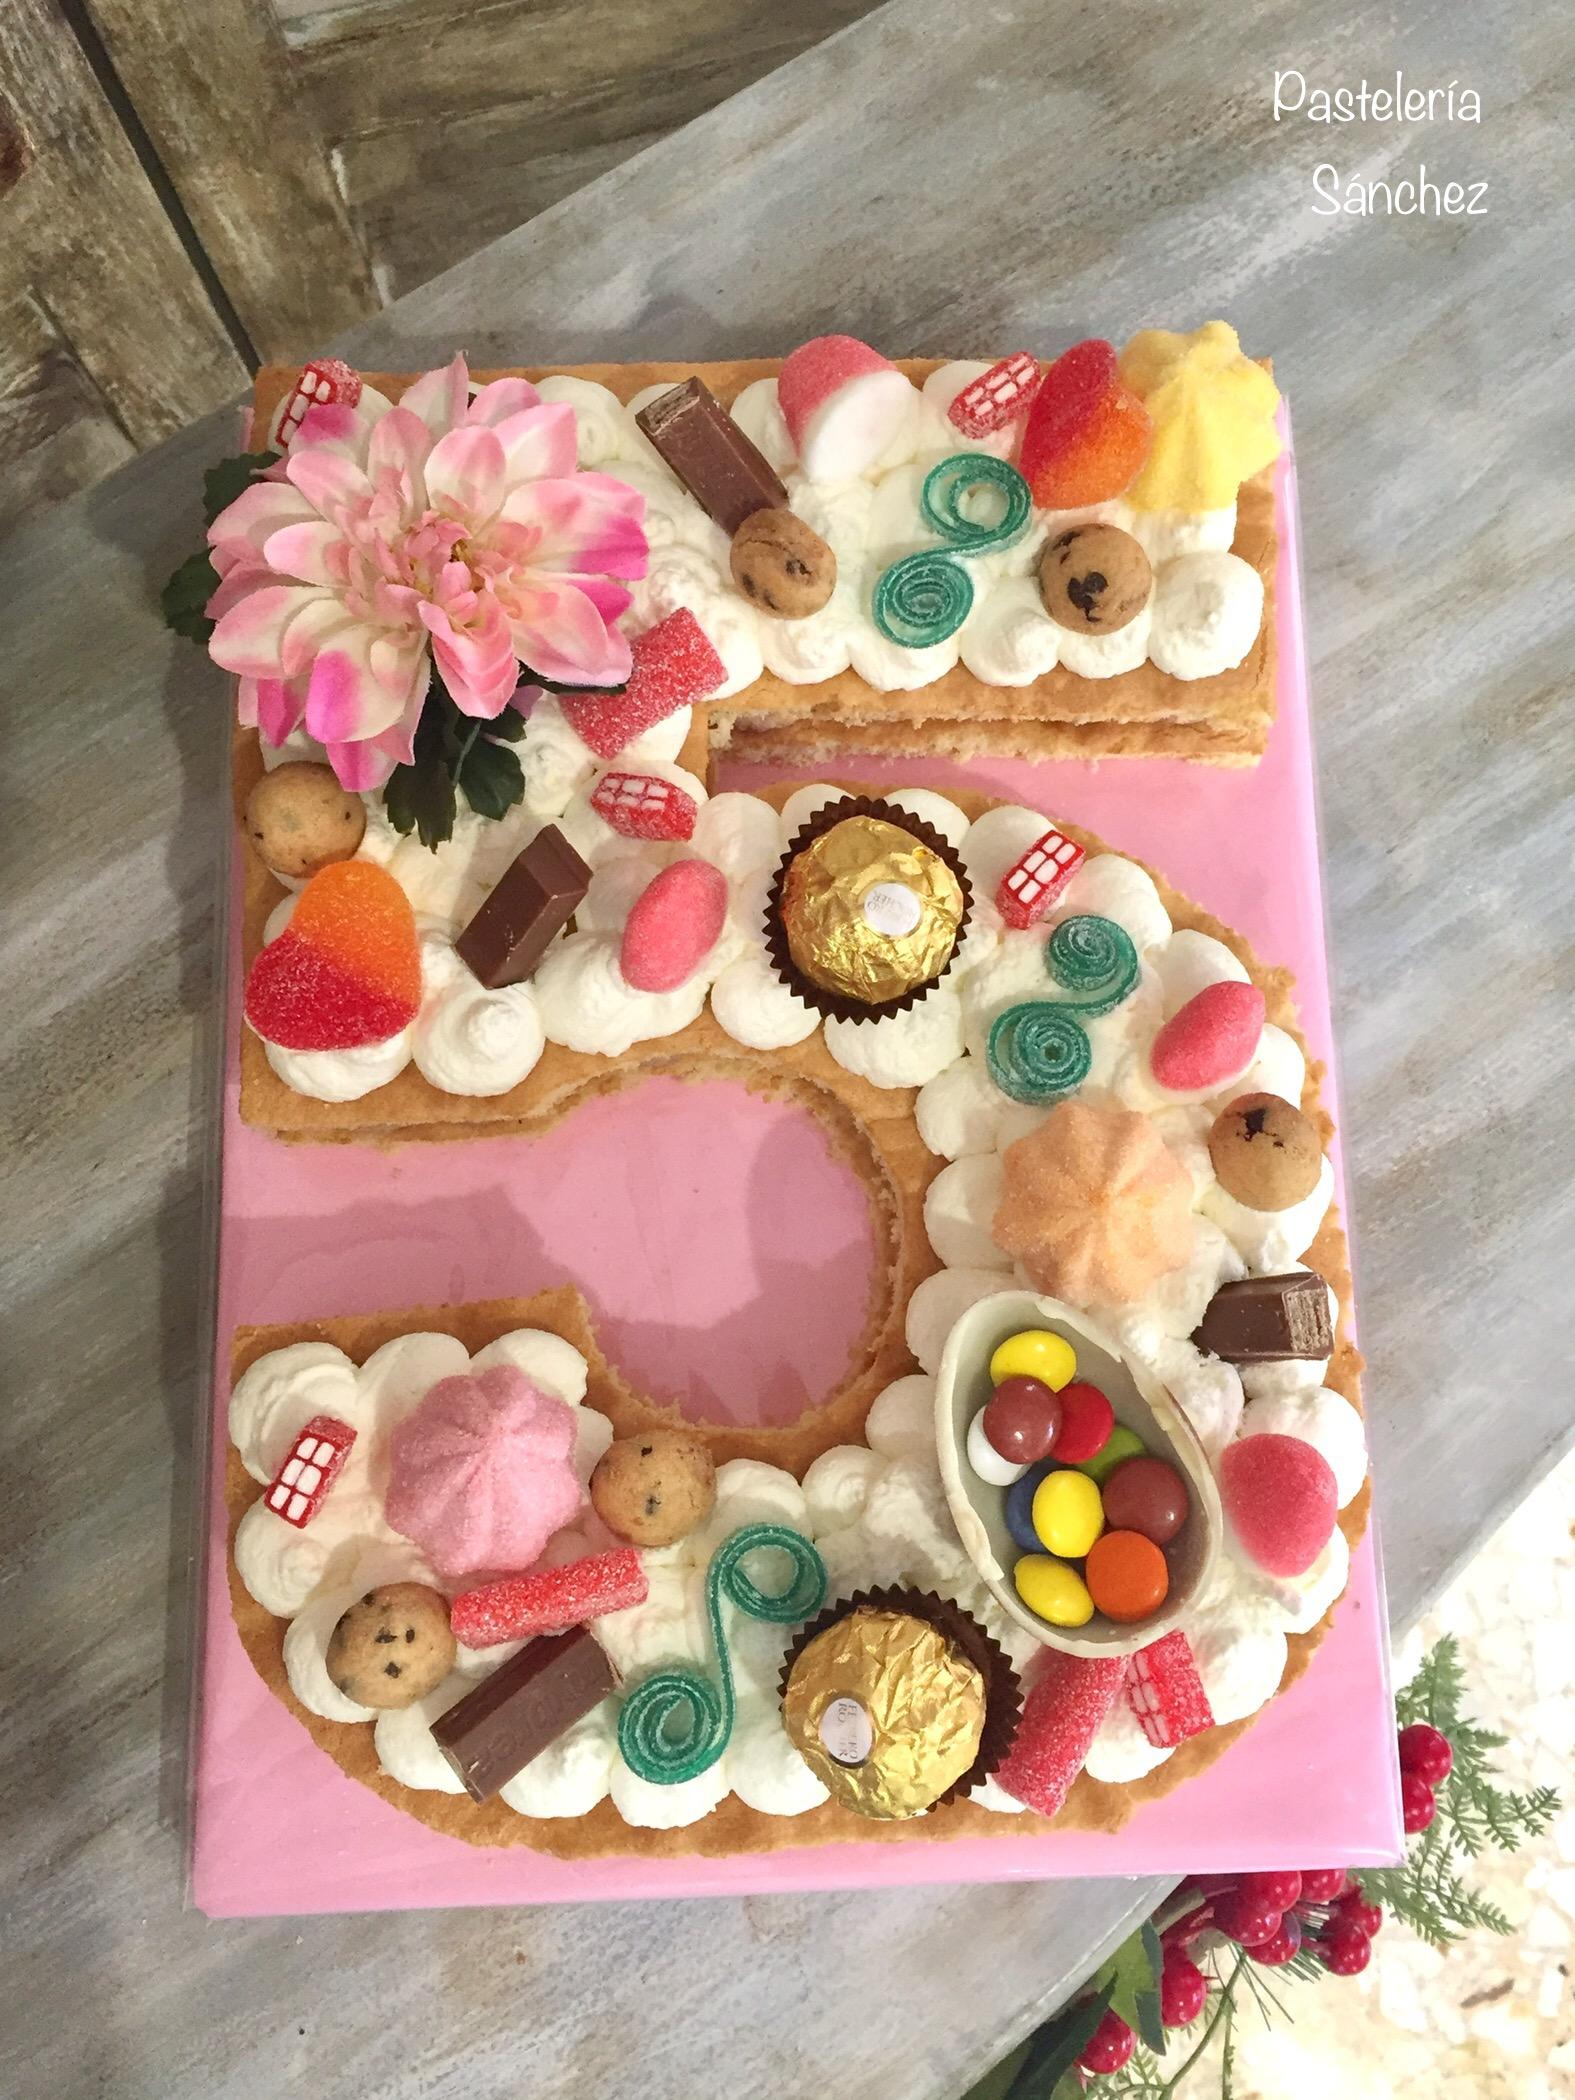 Panadería pastelería Sánchez